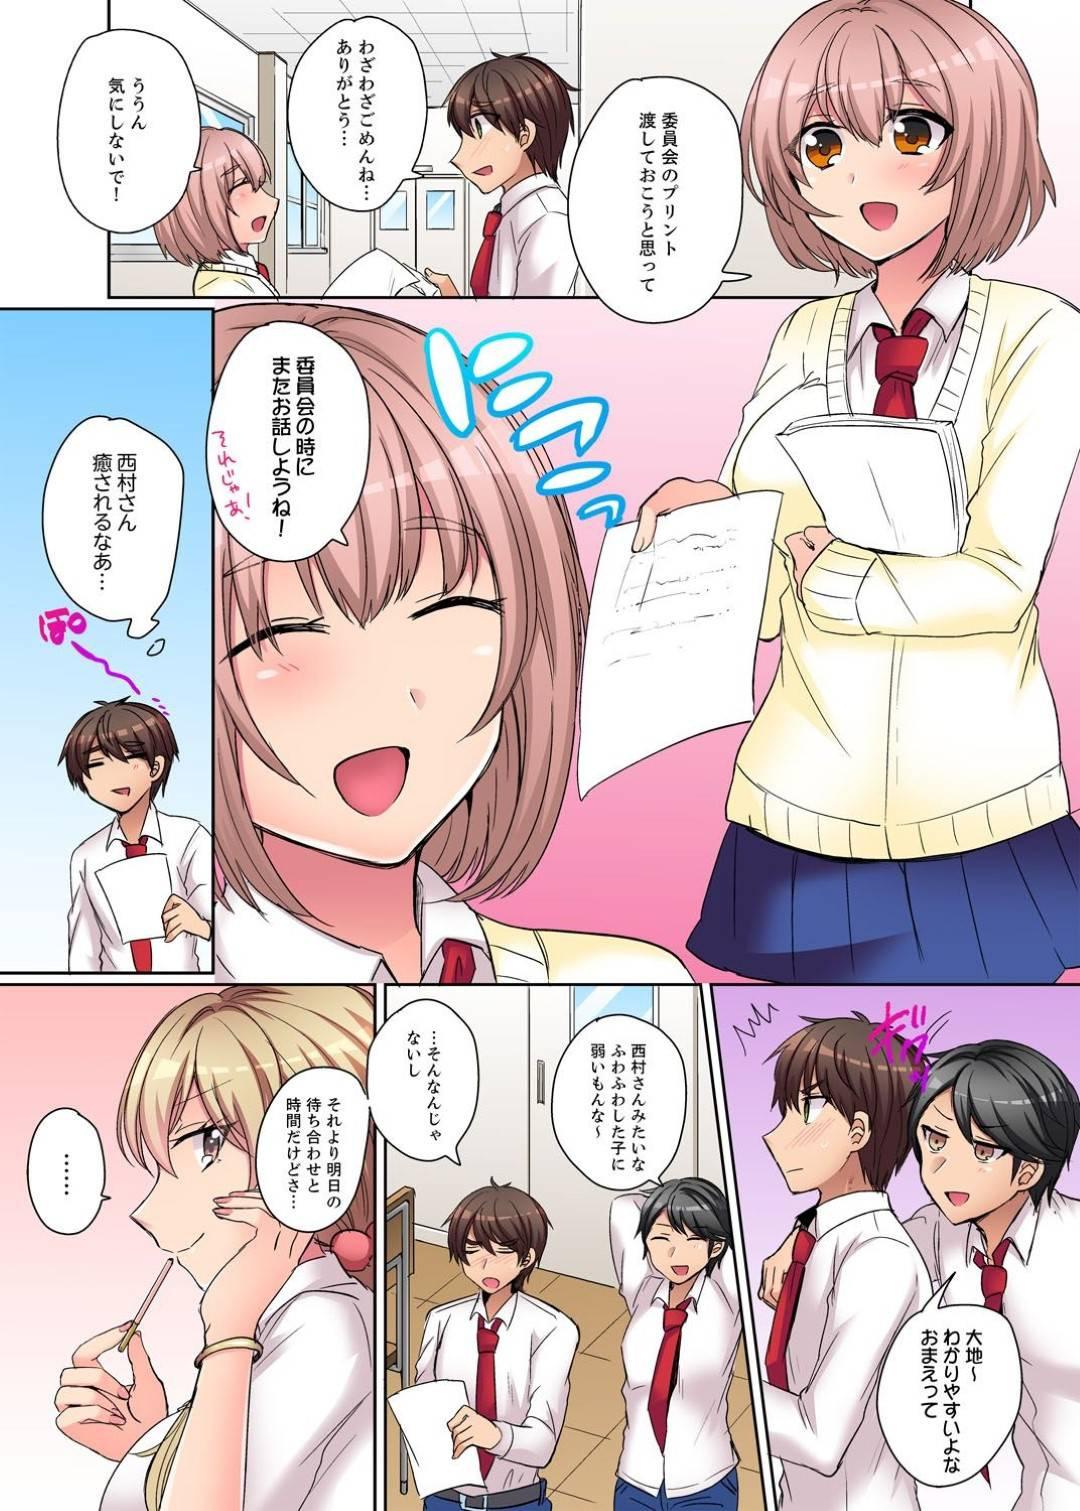 【エロ漫画】主人公とこっそりセックスする関係となったギャルJK…彼女は空き教室で再び彼にクンニされた挙げ句、立ちバックでガン突きファックされてしまう!